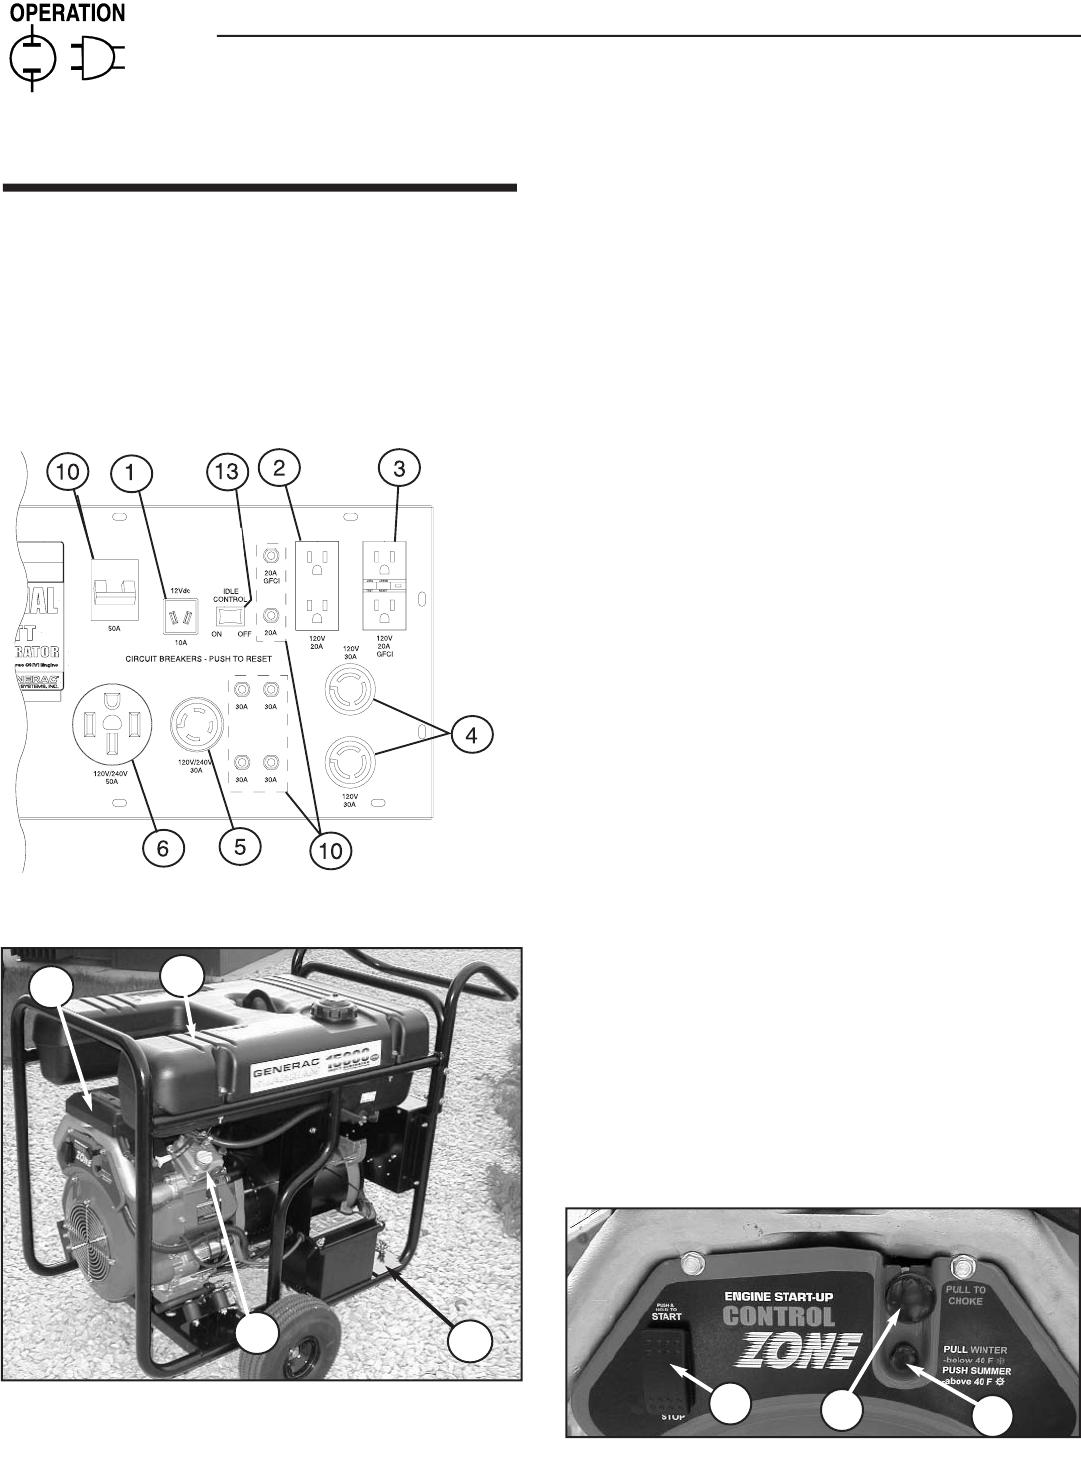 E0226 Rev F 15000 4582 1 Generac Portable Generator Wiring Diagram Item Part No Qtydescription